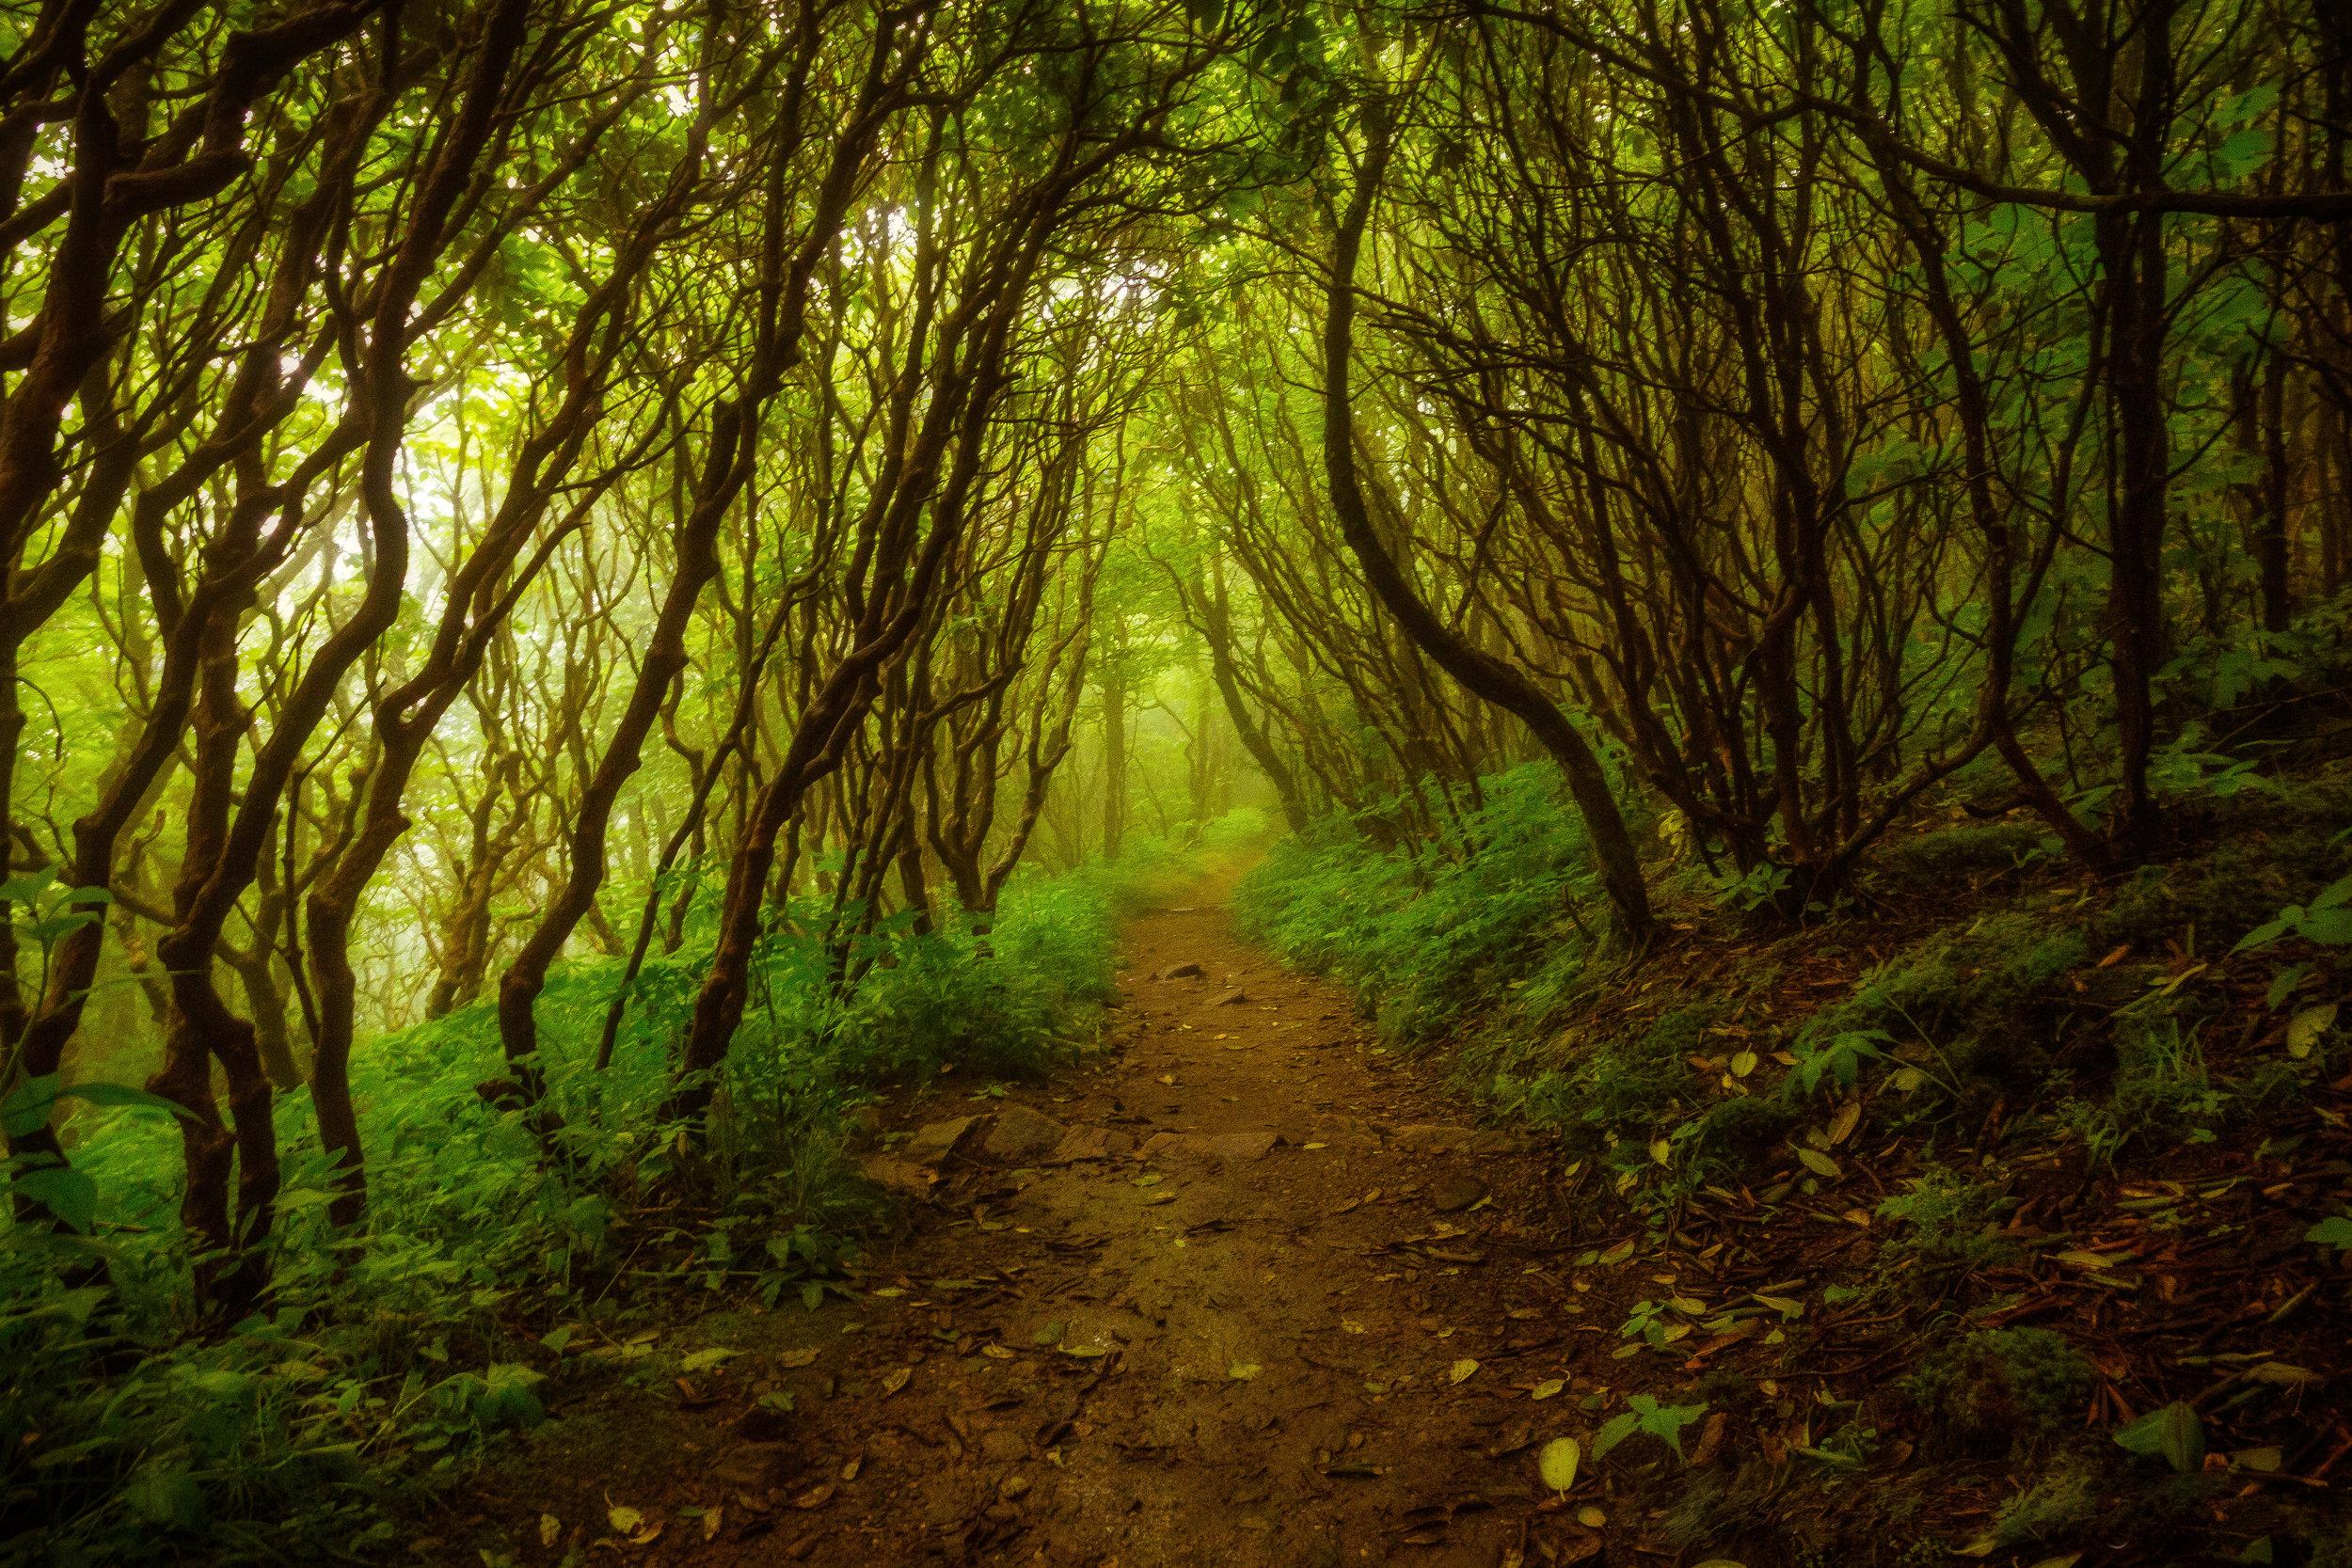 The Misty Craggy Garden